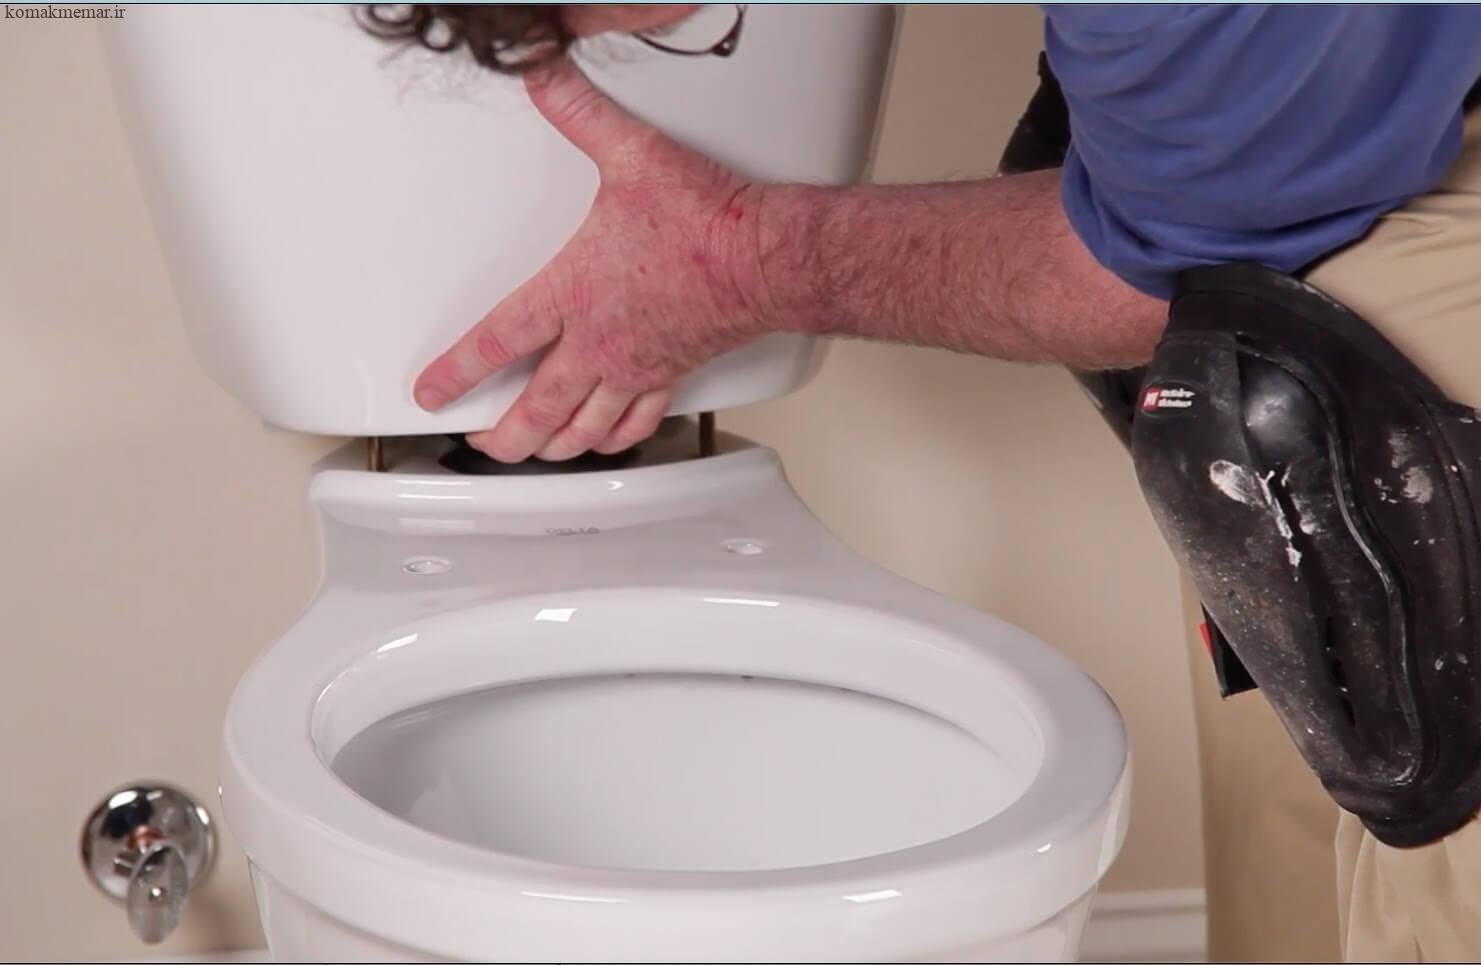 نحوهی نصب توالت فرنگی مرحله یازدهم